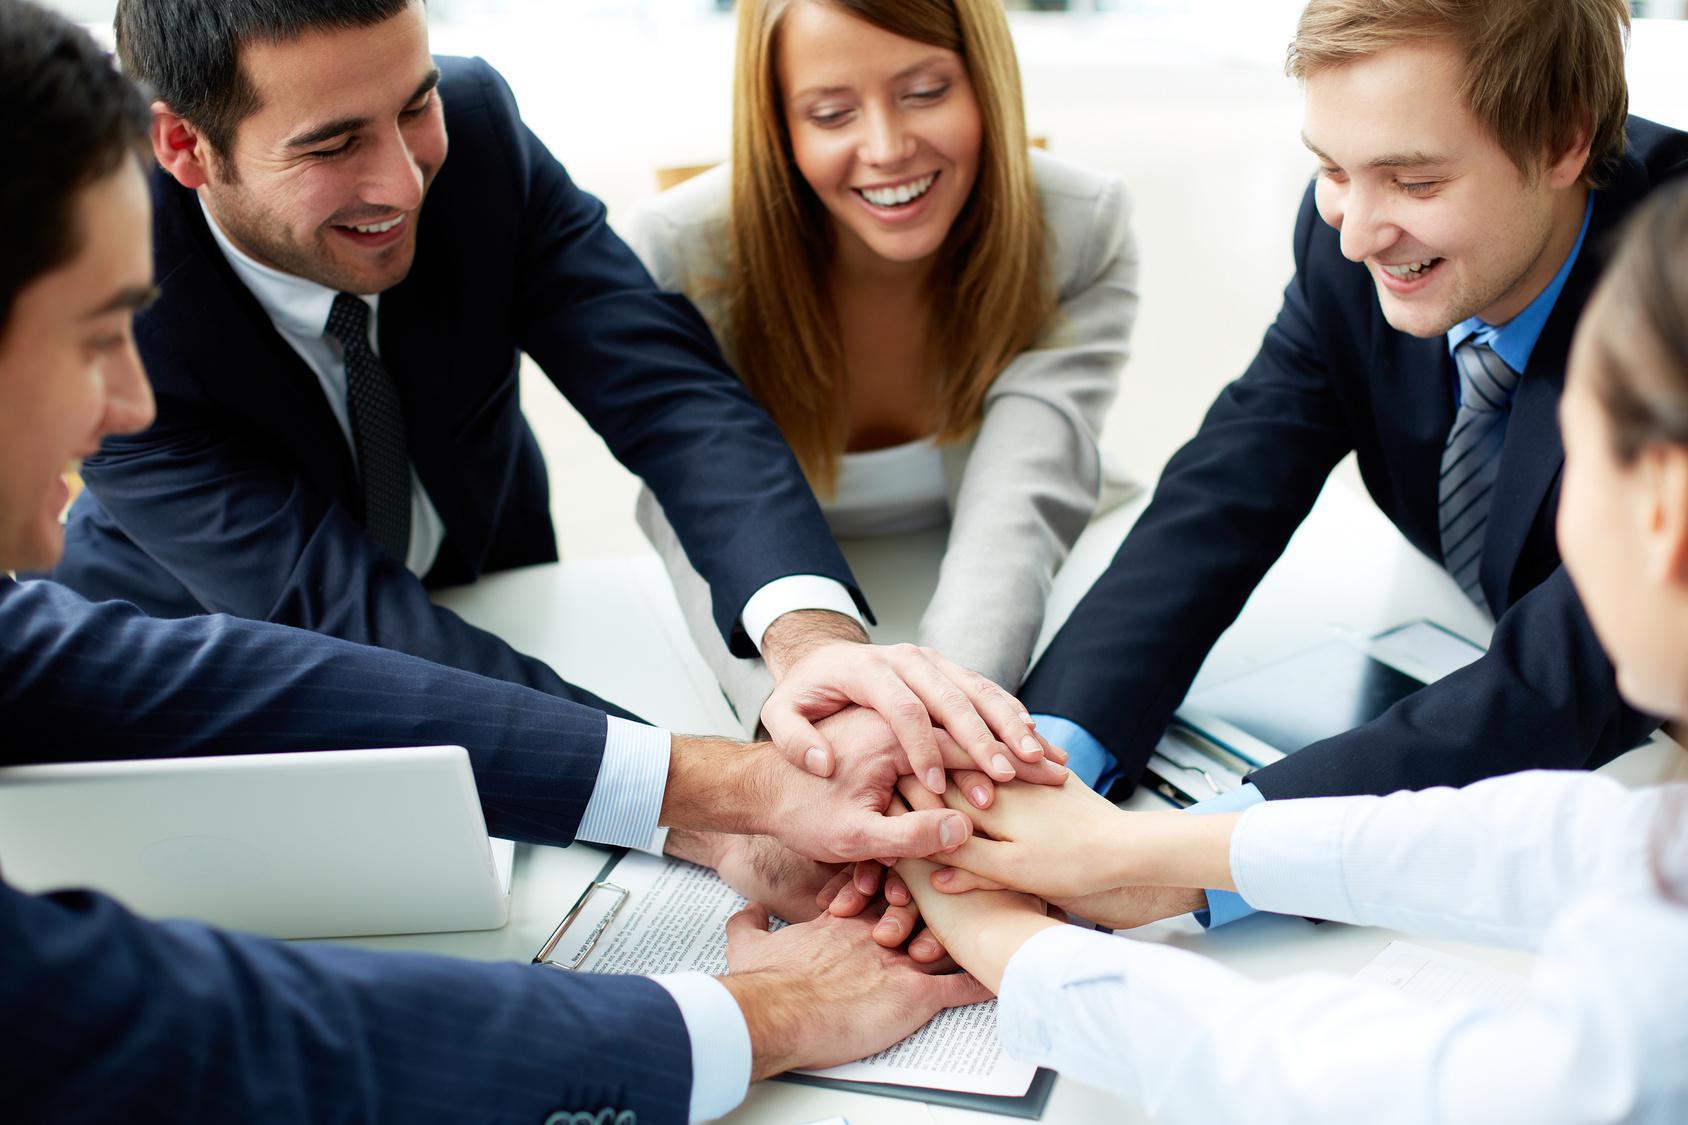 Πώς να θέτεις στους υπαλλήλους σου στόχους που φέρνουν αποτελέσματα